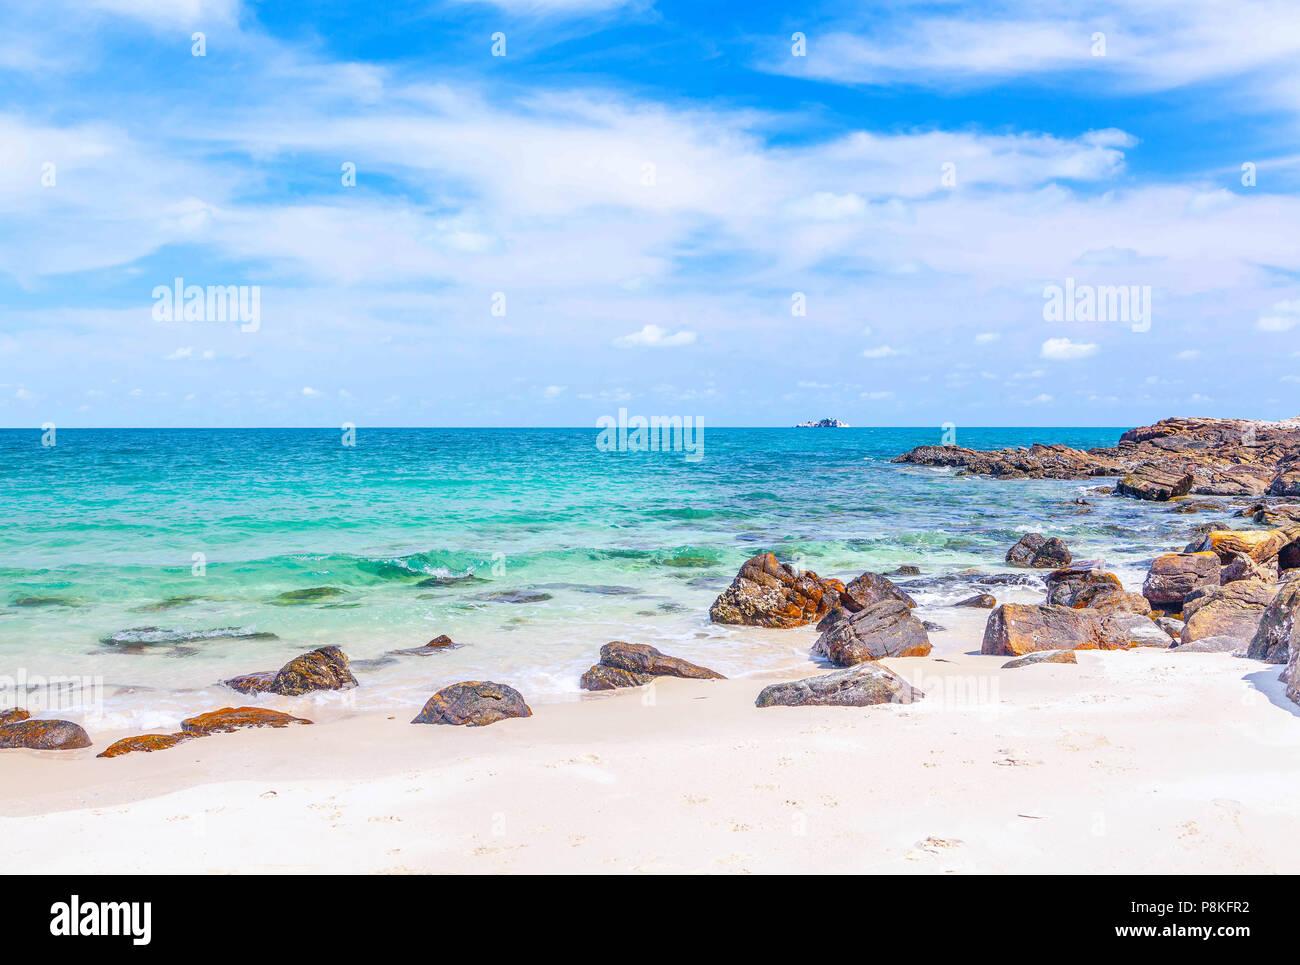 Ein schöner Sandstrand auf der Insel Samed in Thailand. Stockbild